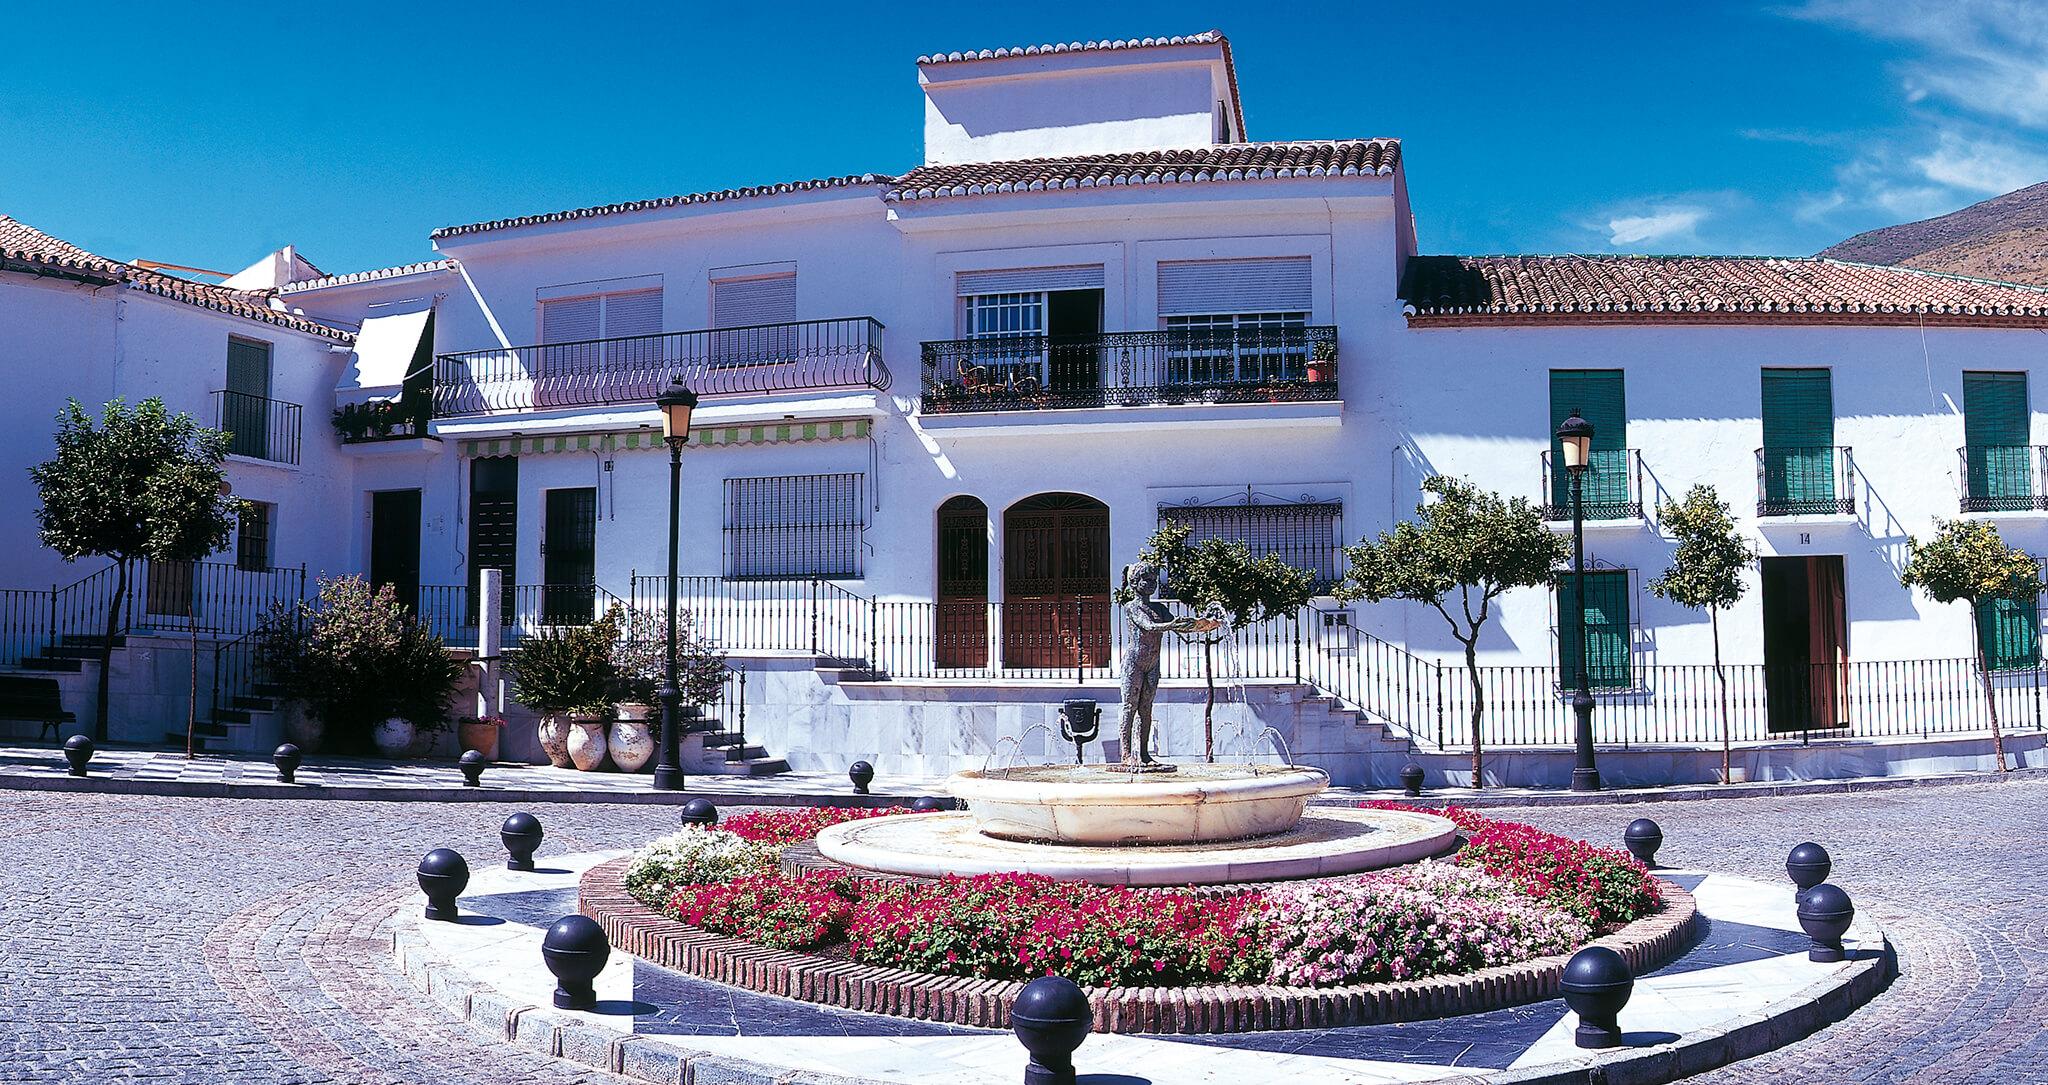 Plaza de España Benalmádena